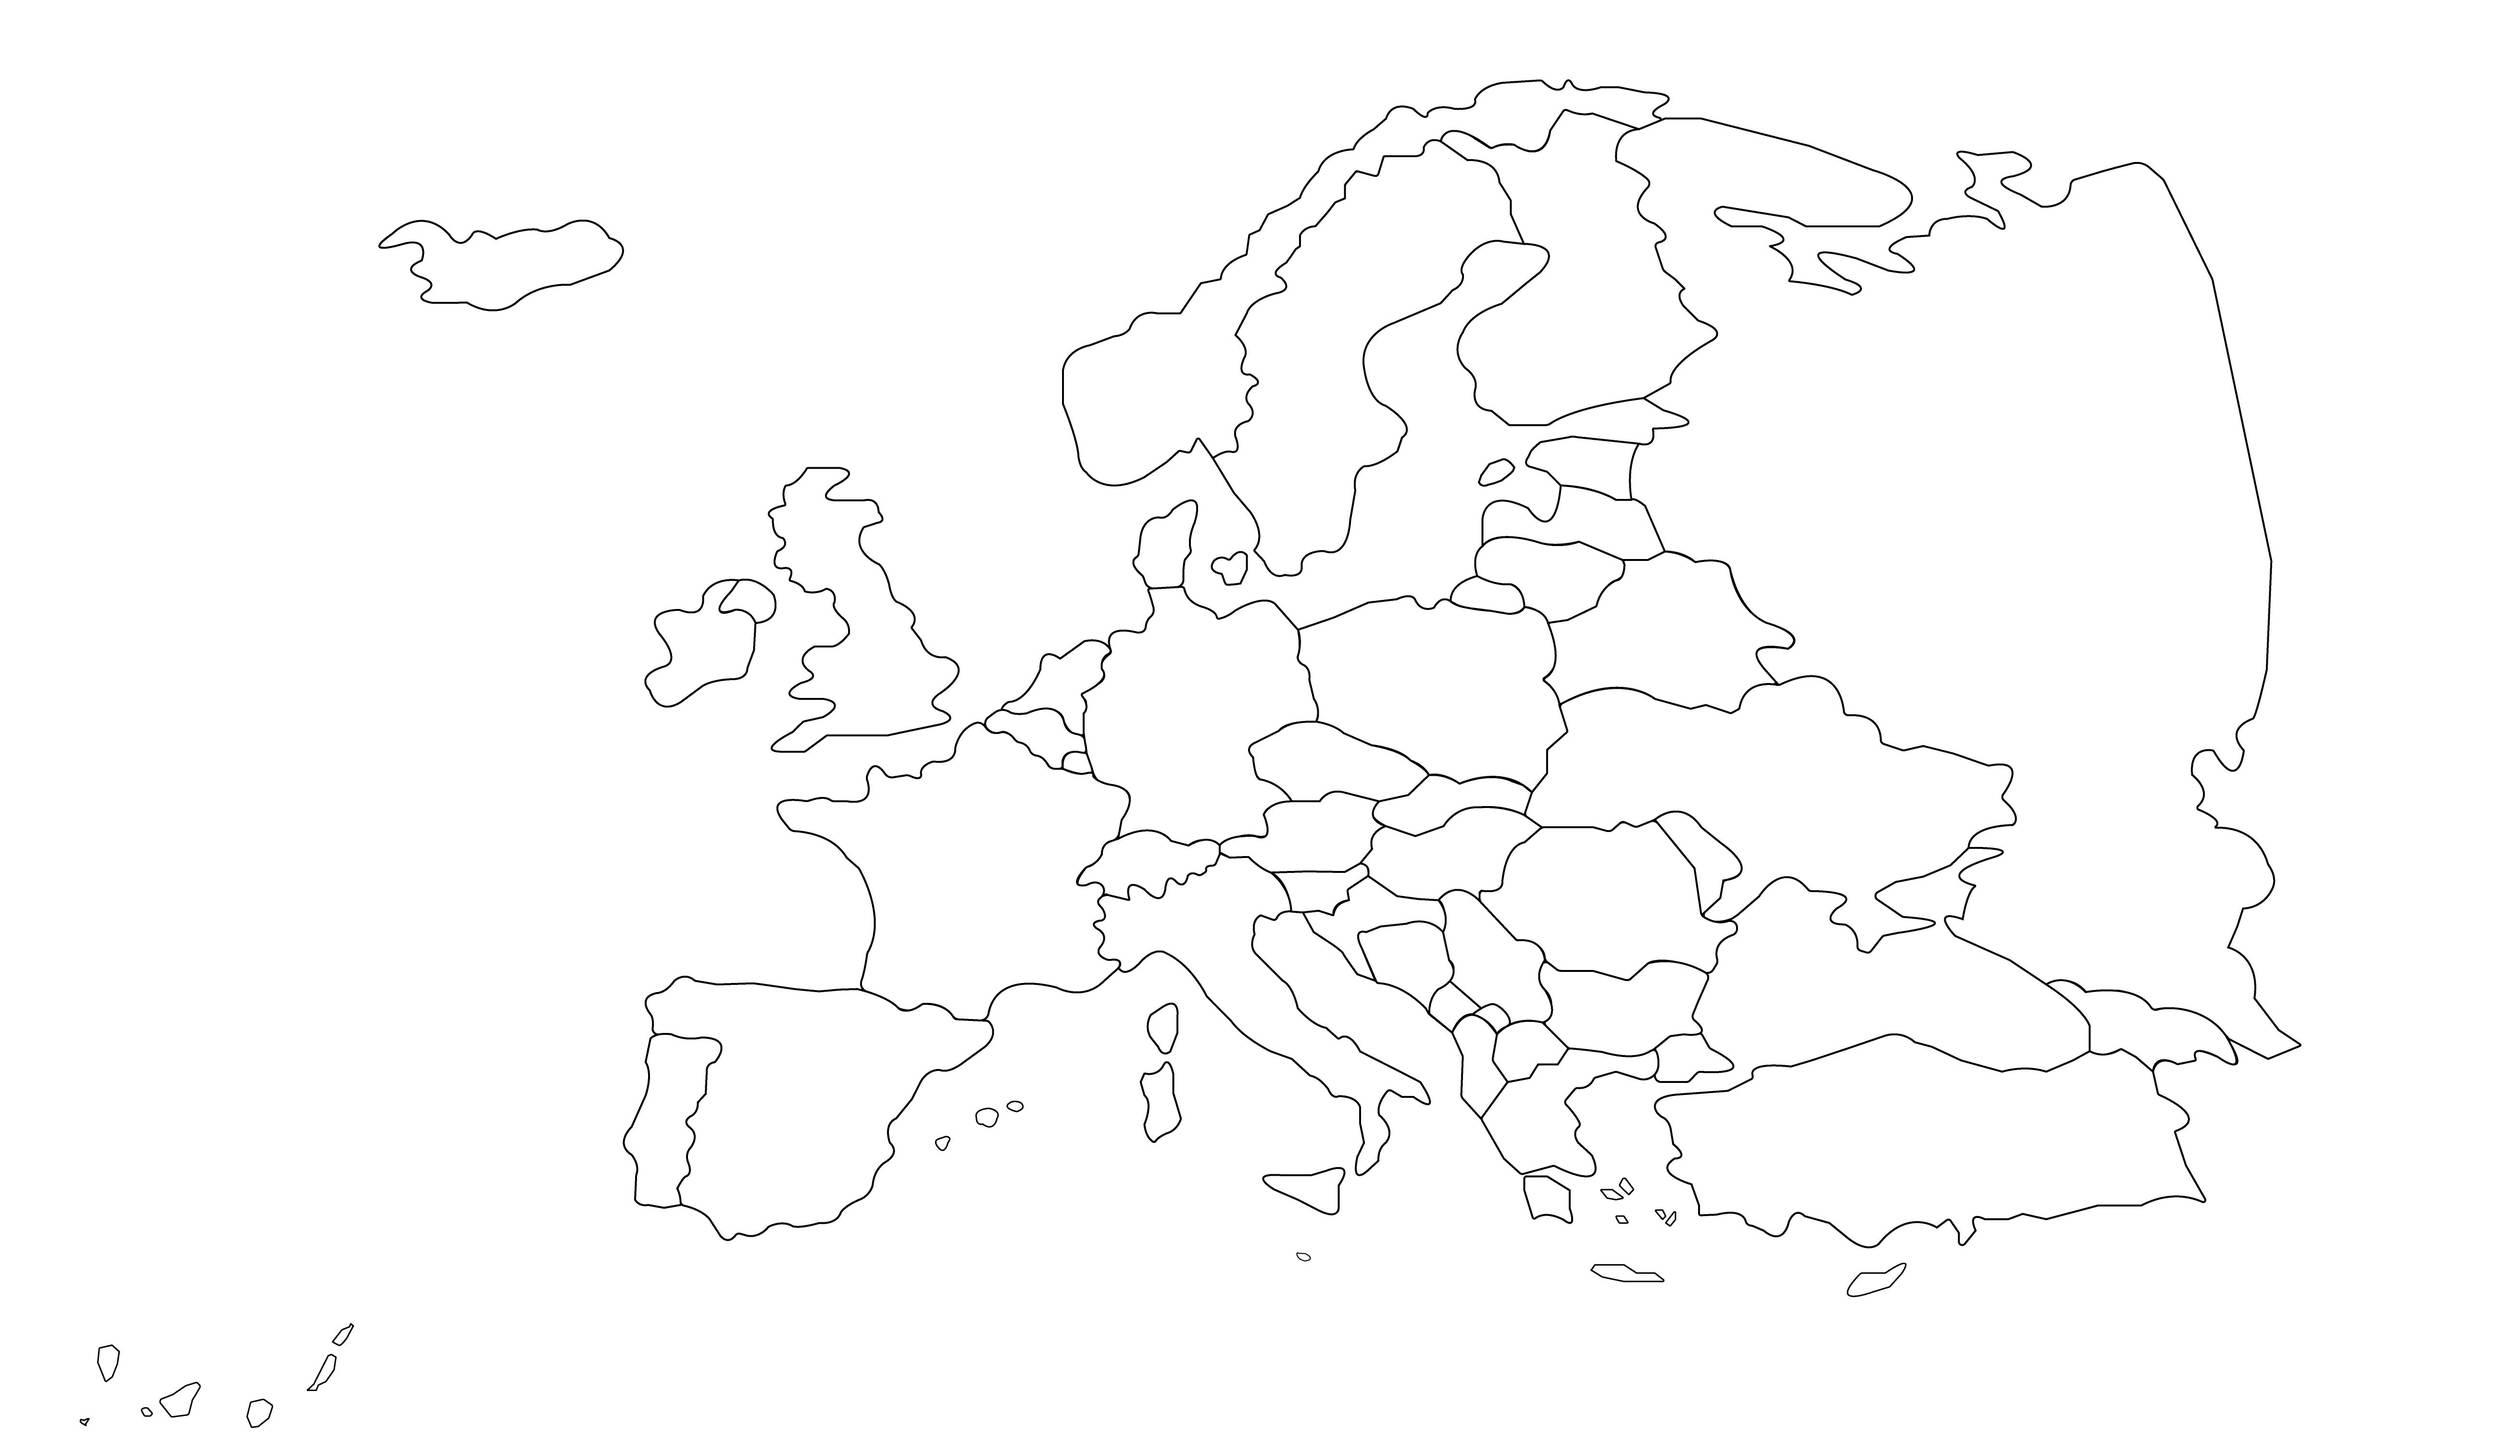 Meine Weltkarte - Weltkarte zum Ausmalen wo man schon war